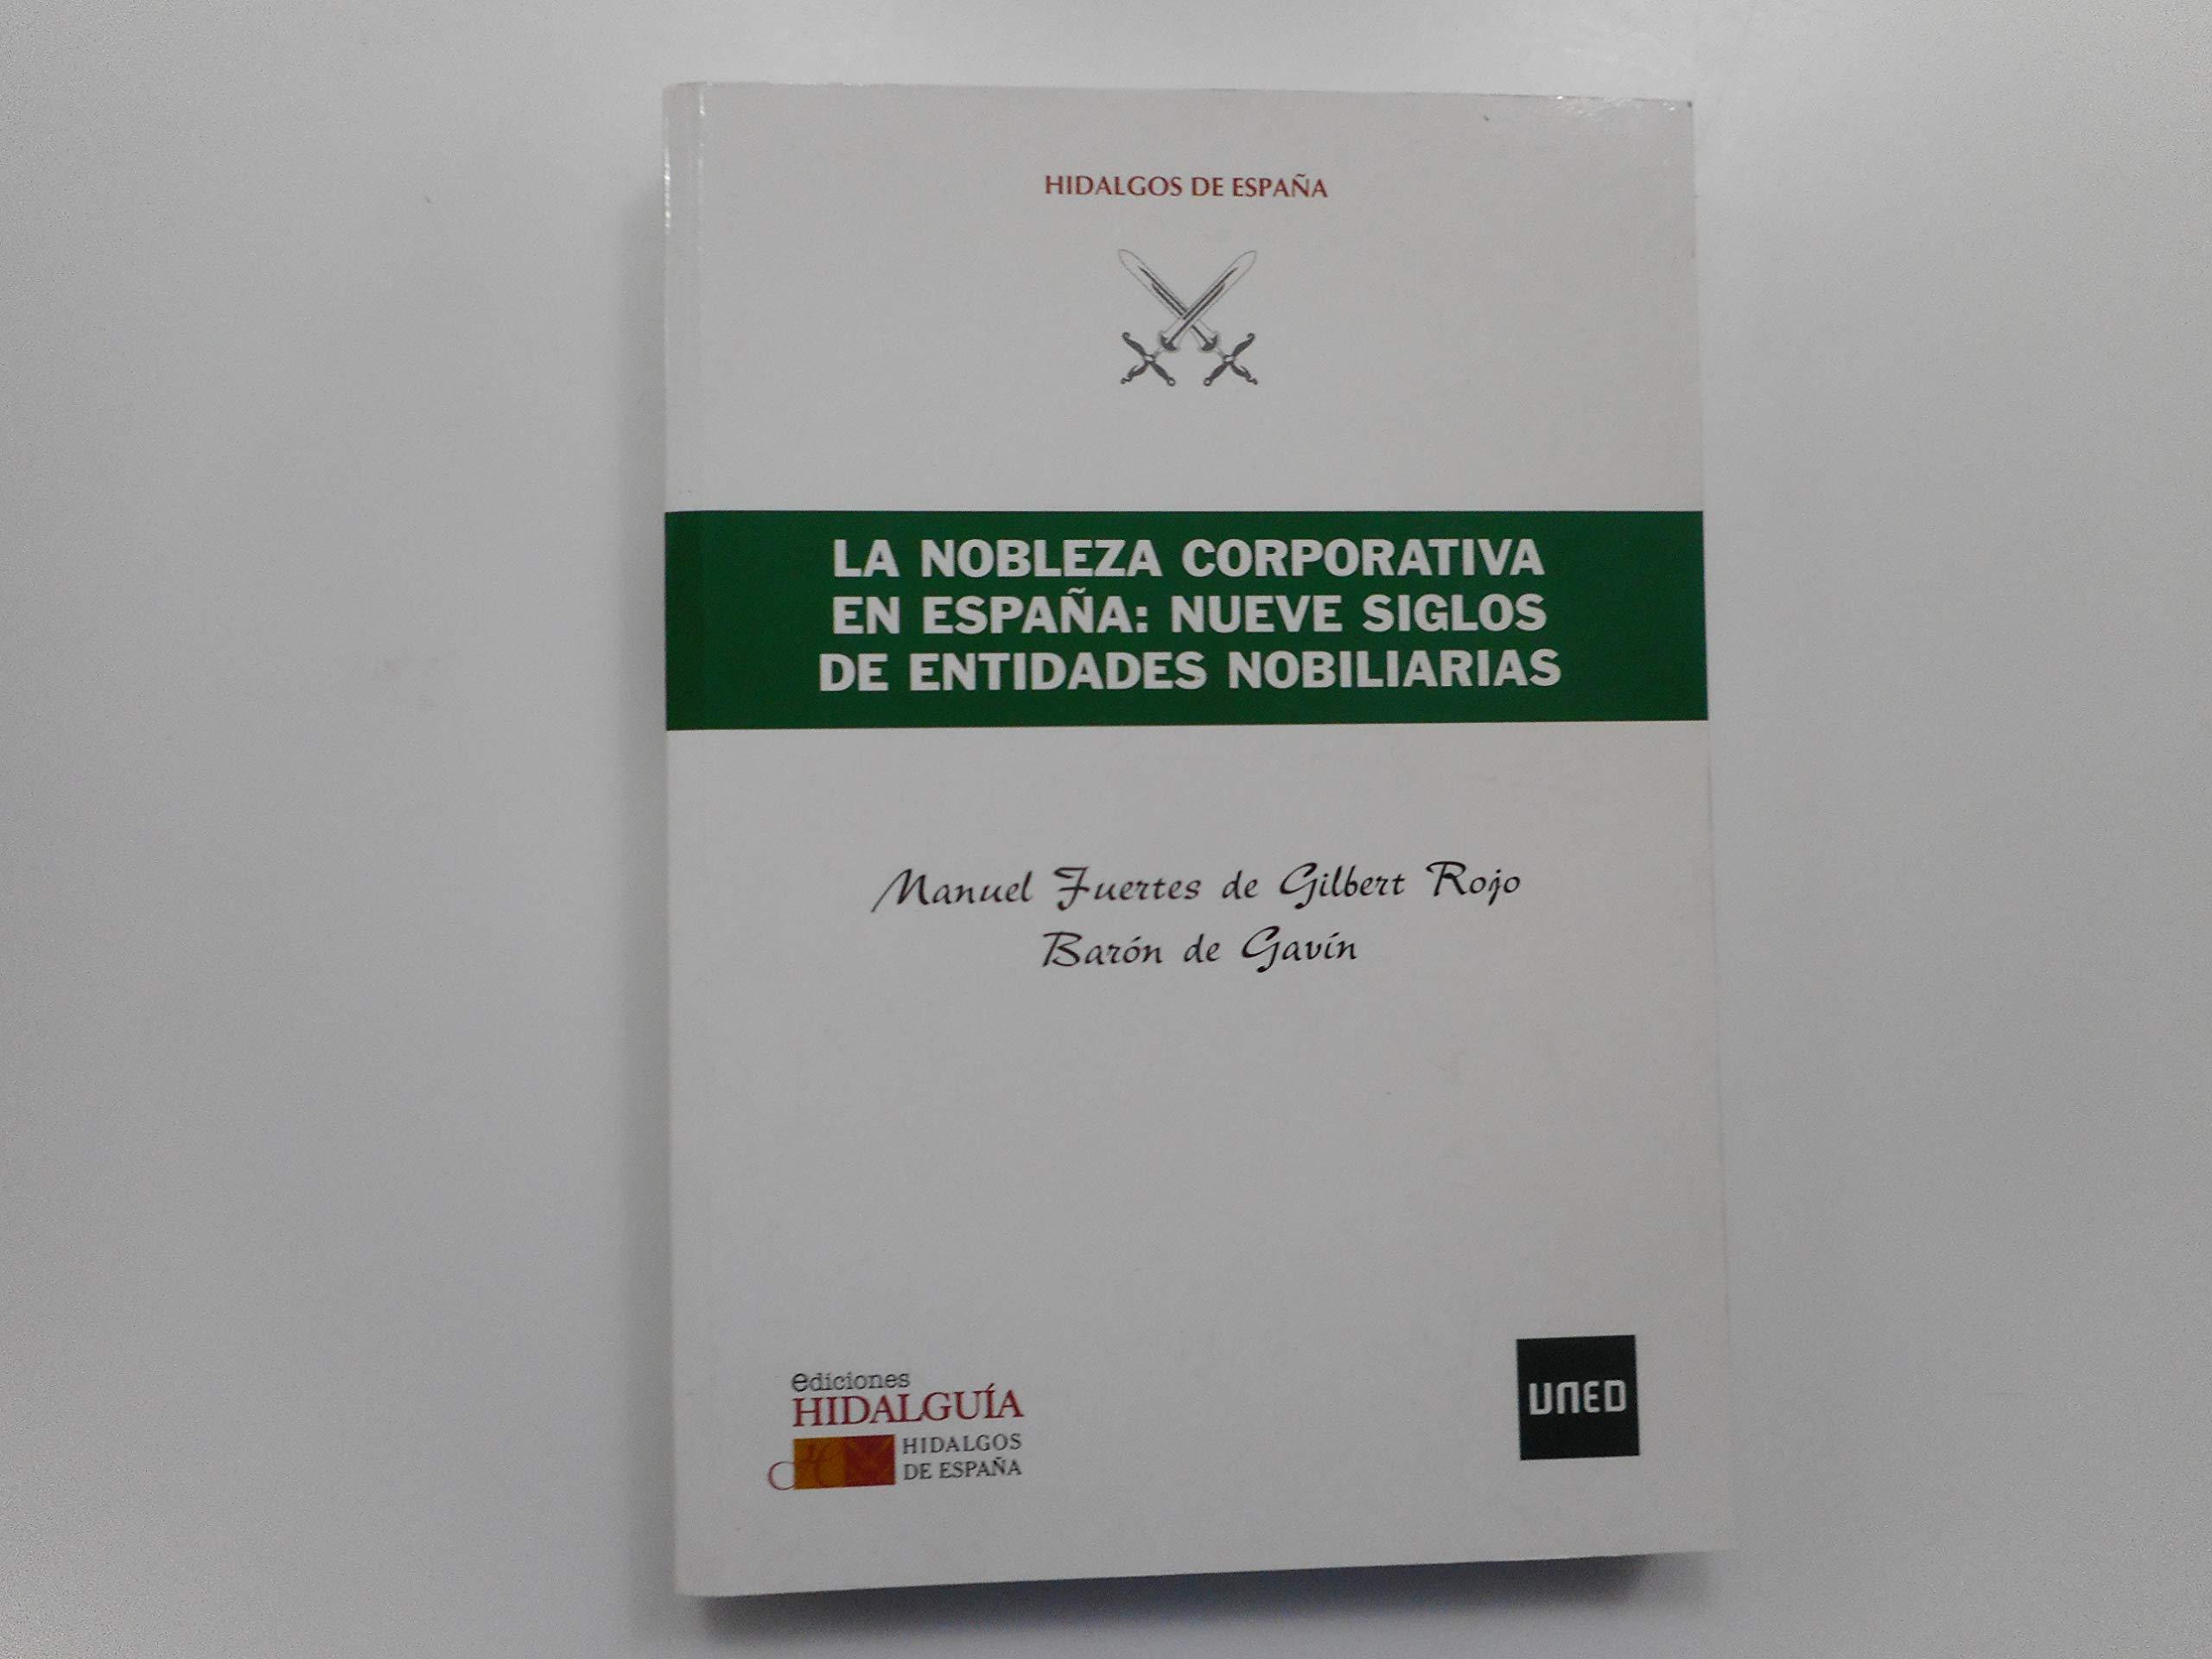 La nobleza corporativa en España: nueve siglos de entidades nobiliarias: Amazon.es: Fuertes, Manuel: Libros